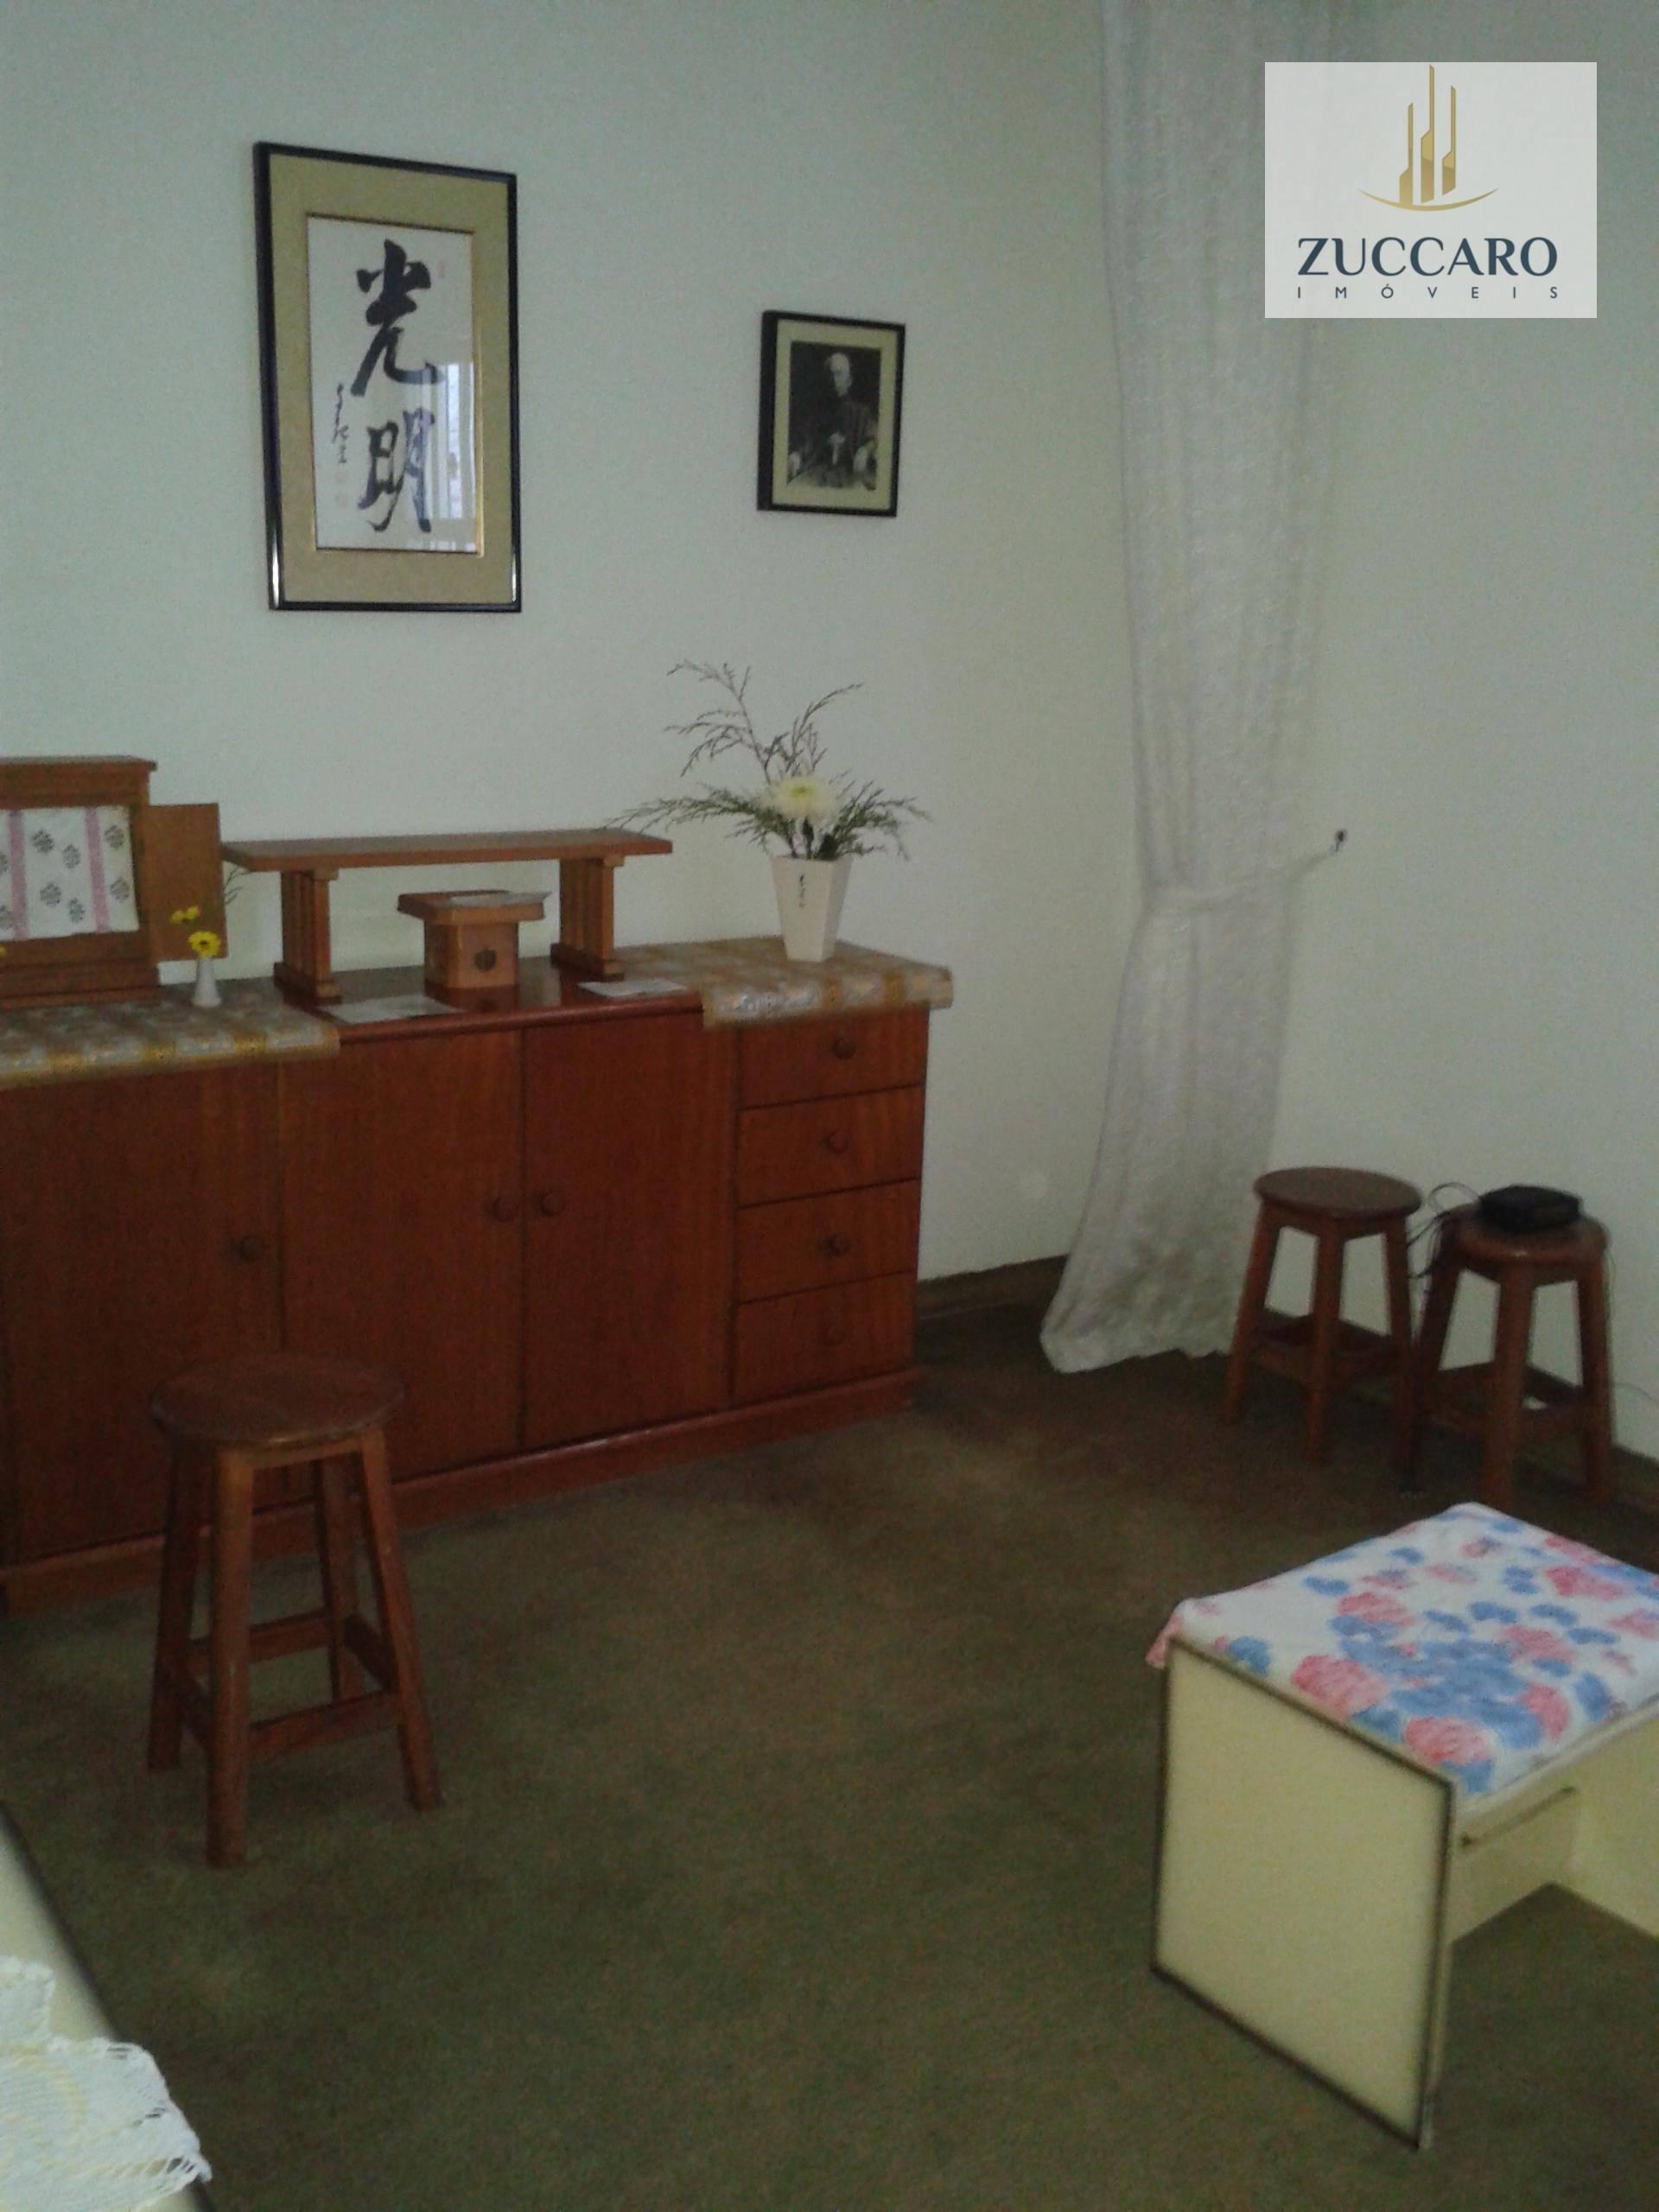 Sobrado de 3 dormitórios à venda em Jardim Cumbica, Guarulhos - SP